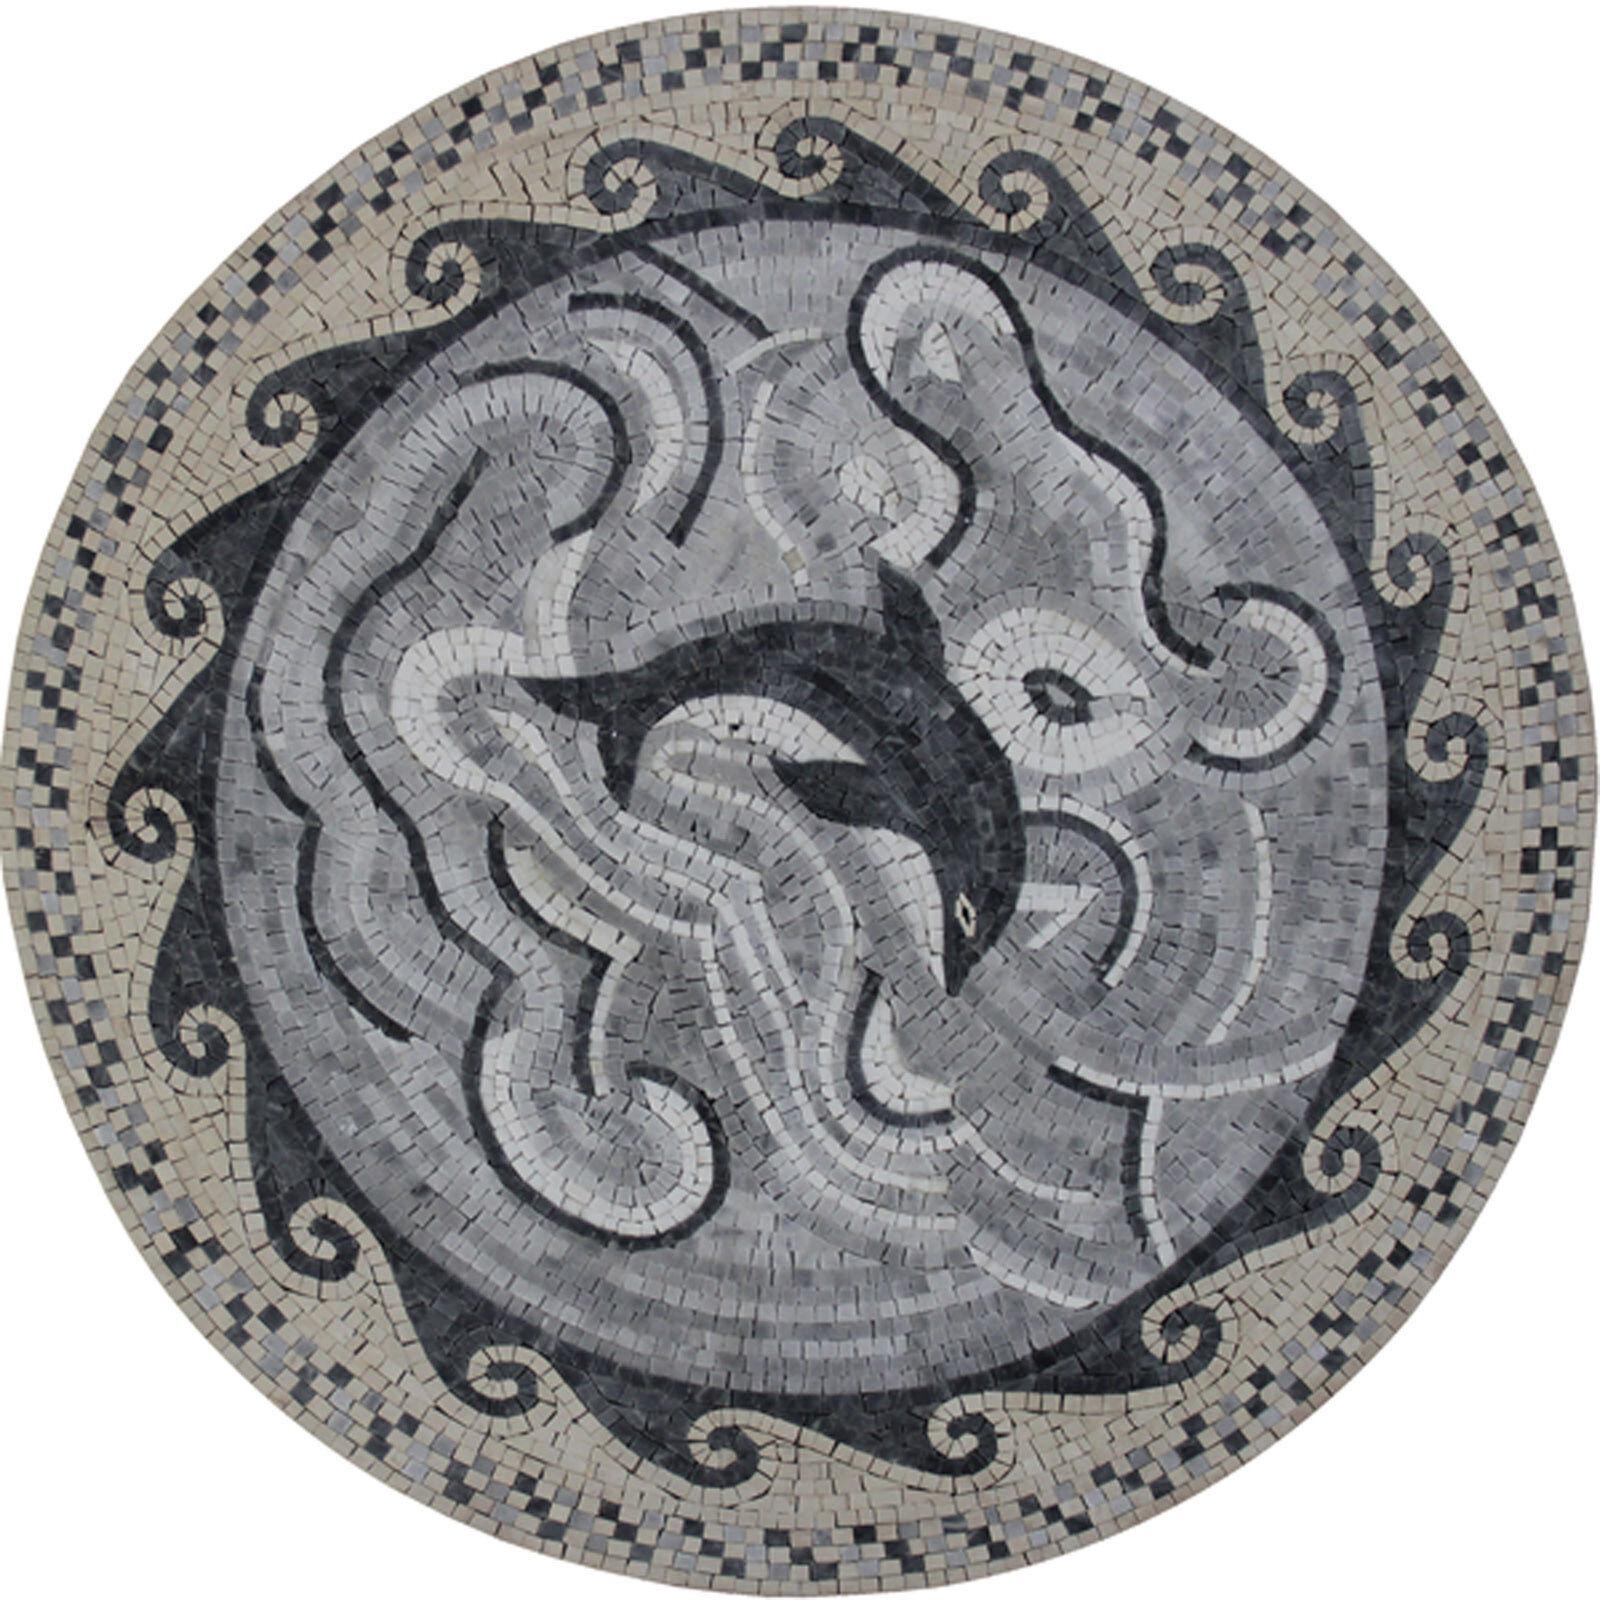 Dancing Dolphin grau Wavy Frame Circuitous Deisgn Marble Mosaic AN1161